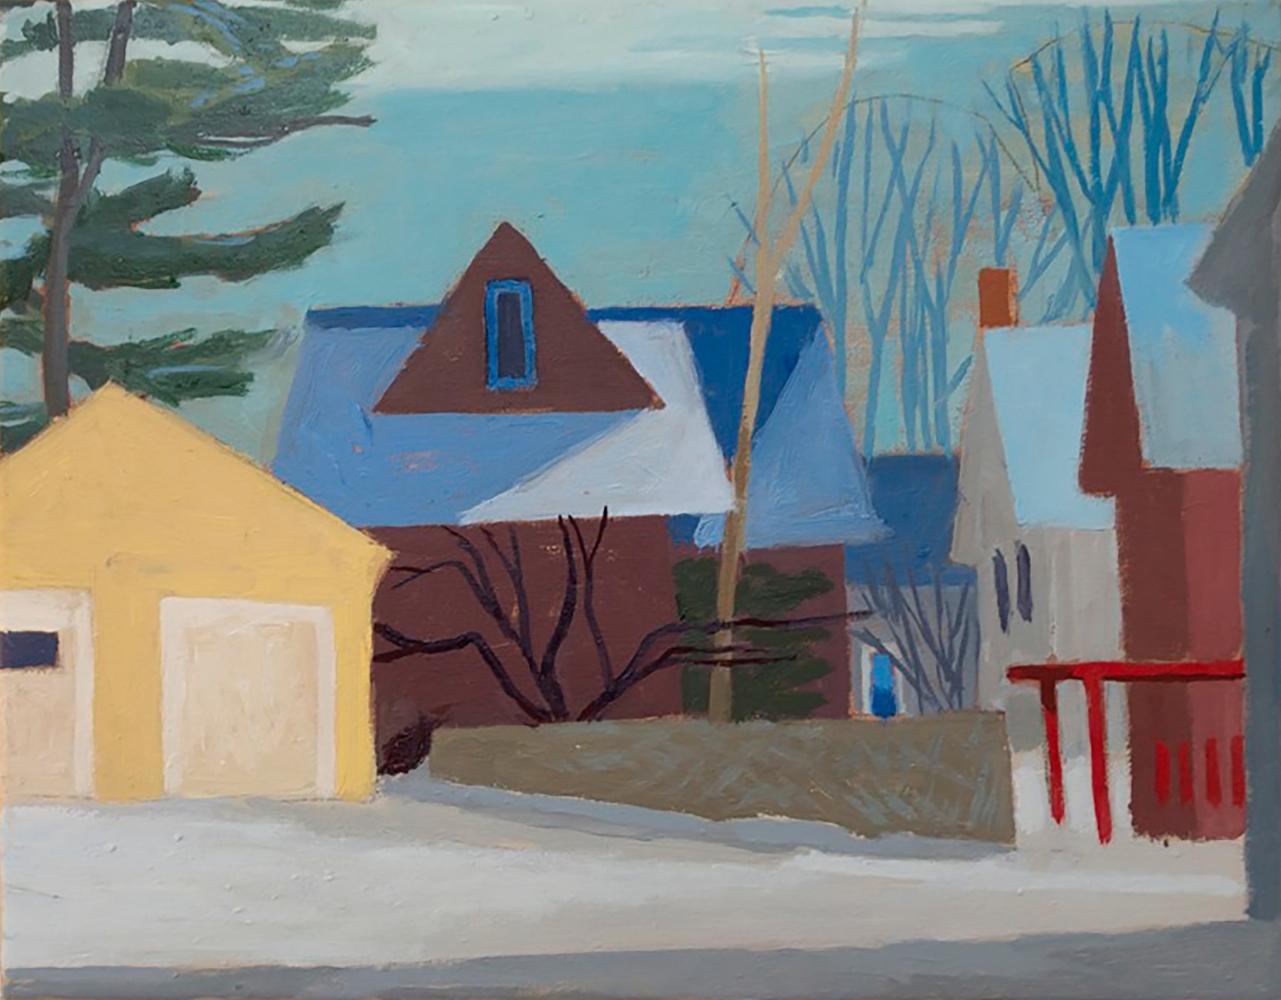 Celia Reisman, S Roy Street, oil on canvas, 11 x 14 inches